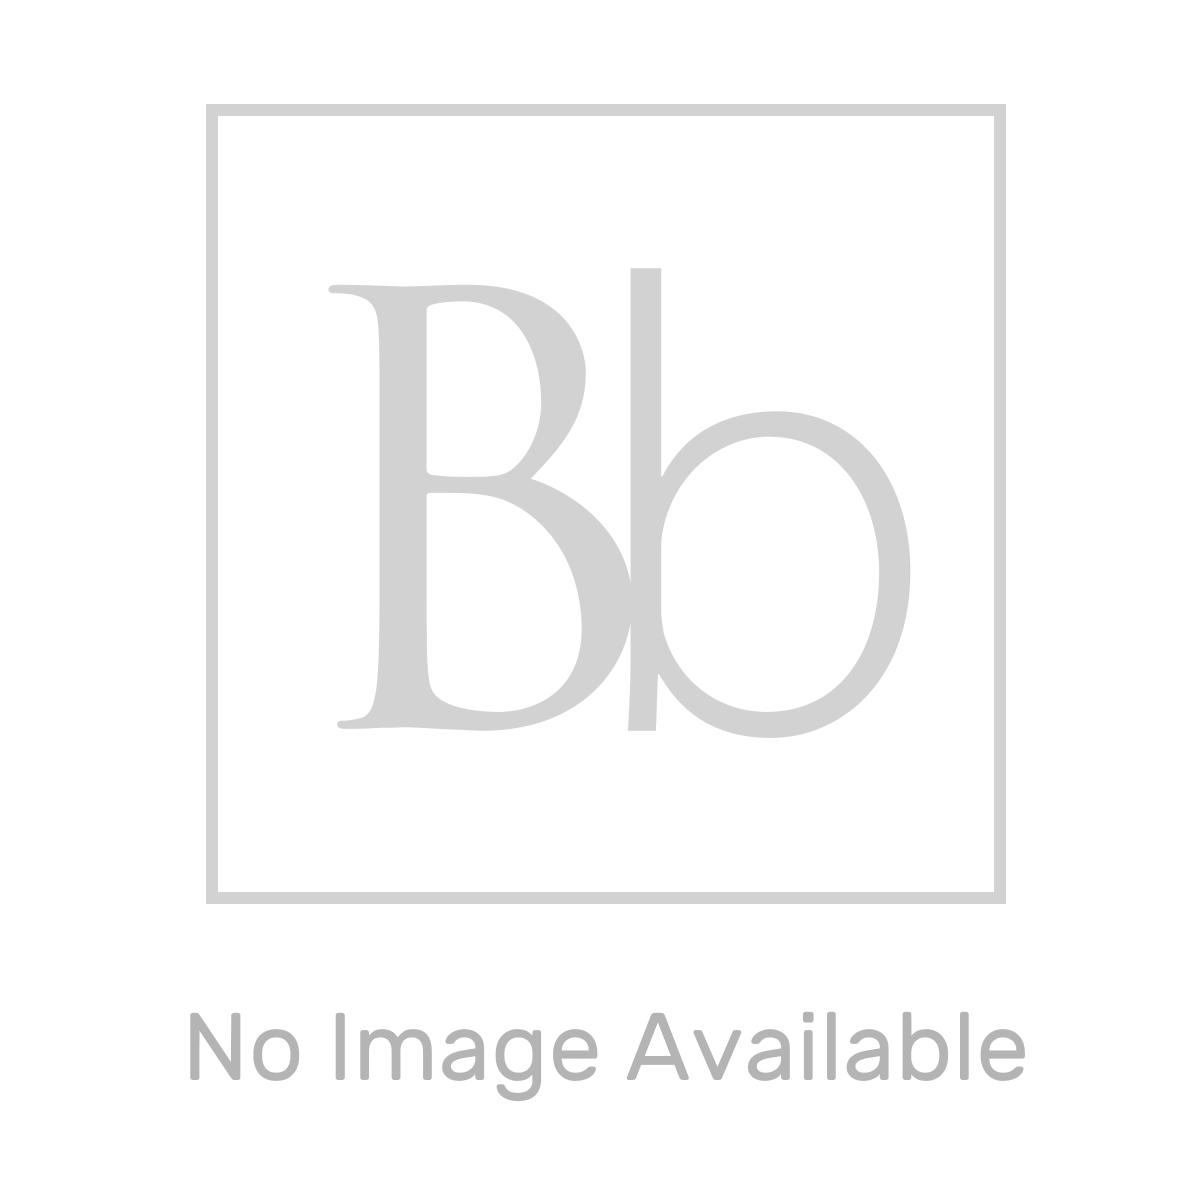 RAK Series 600 En-Suite Bathroom with Pacific Bifold Door Shower Enclosure